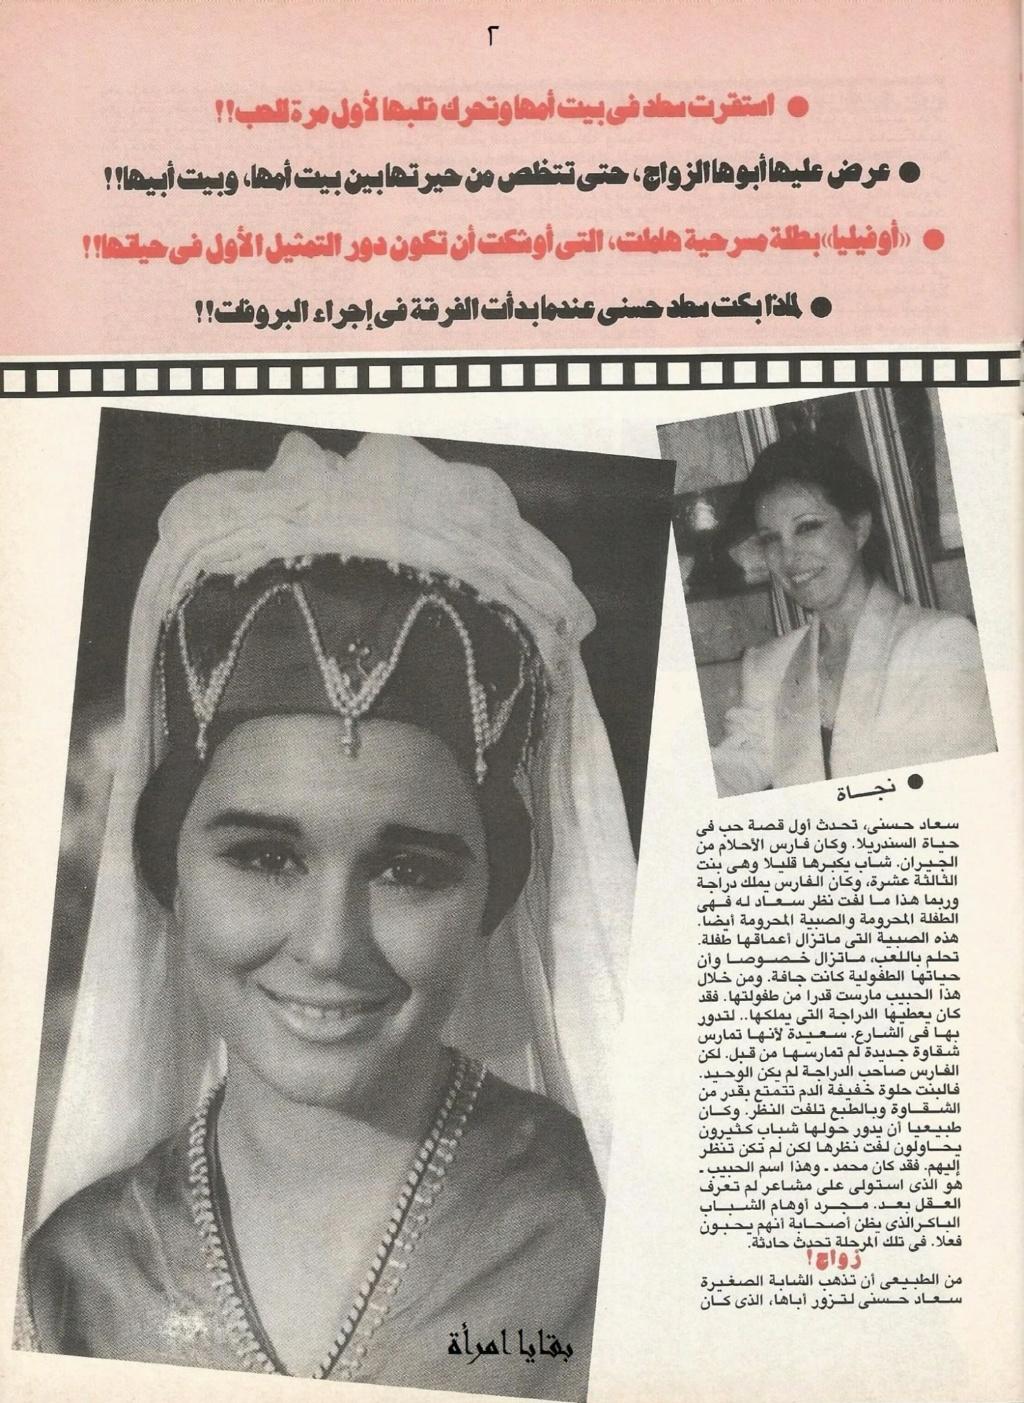 مقال صحفي : حكاية الثري العجوز الدميم الذي كانت ستتزوجه!! 2001 م 2221